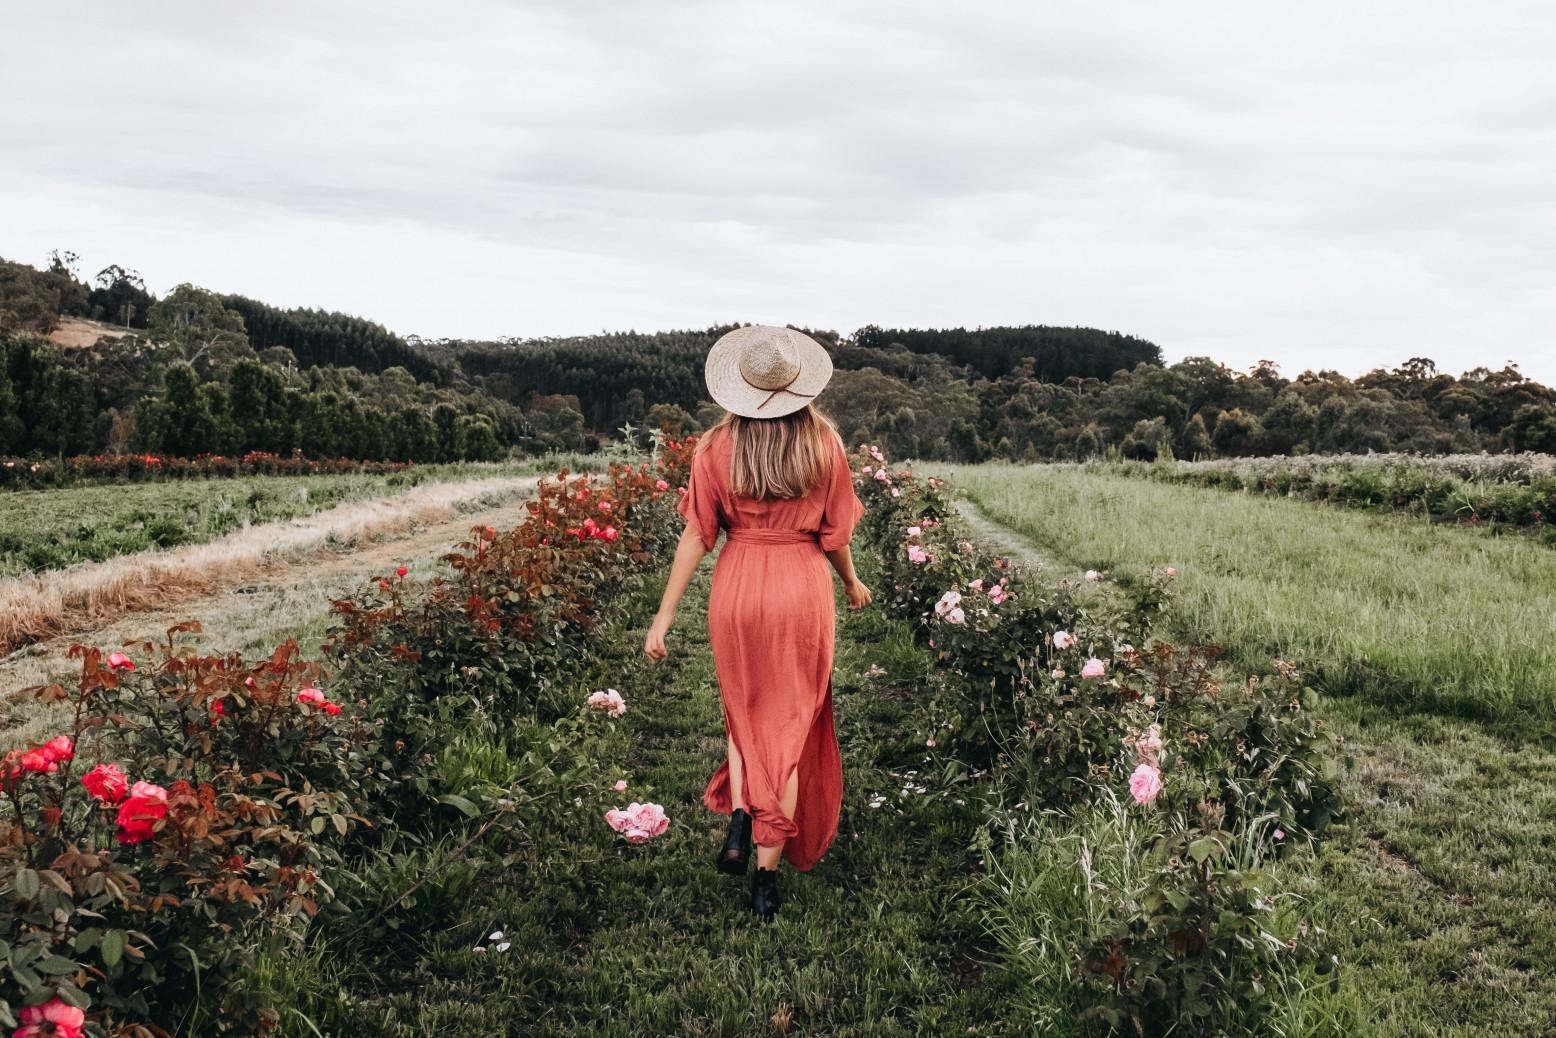 Vòng quanh thế giới: Ghé thăm những trang trại Organic siêu xinh - Ảnh 5.